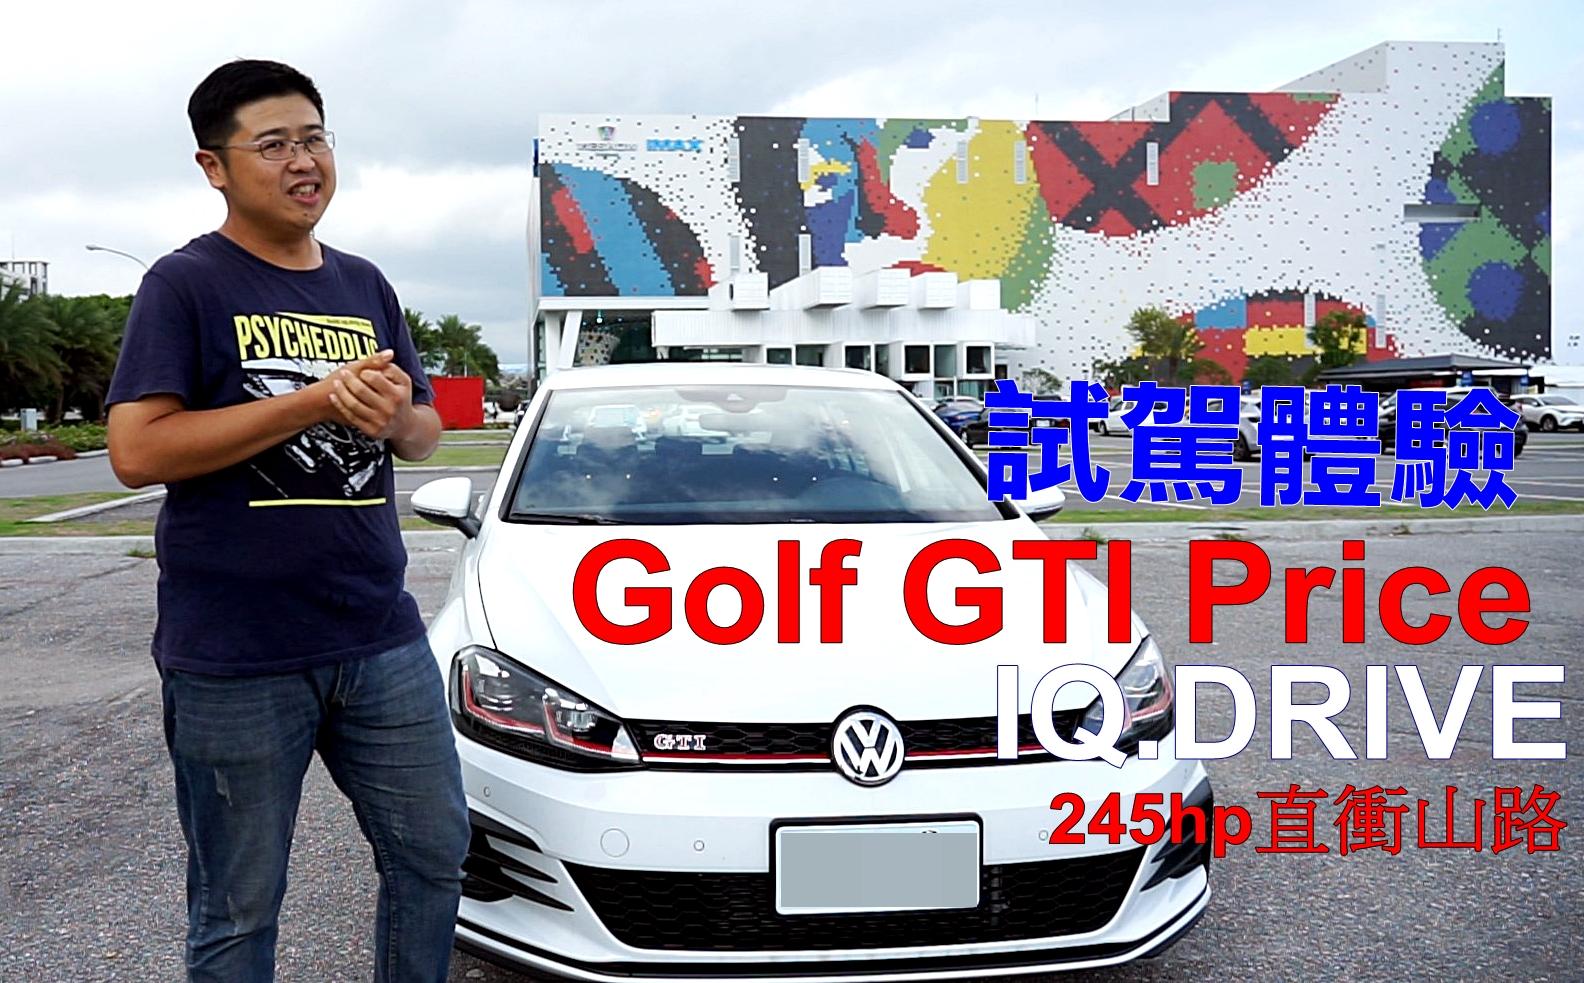 [影片]試駕2019 Golf GTI  245匹山路見真章 IQ.Drive安全更加分  GTI 7.5 price 花蓮vlog @跳躍的宅男